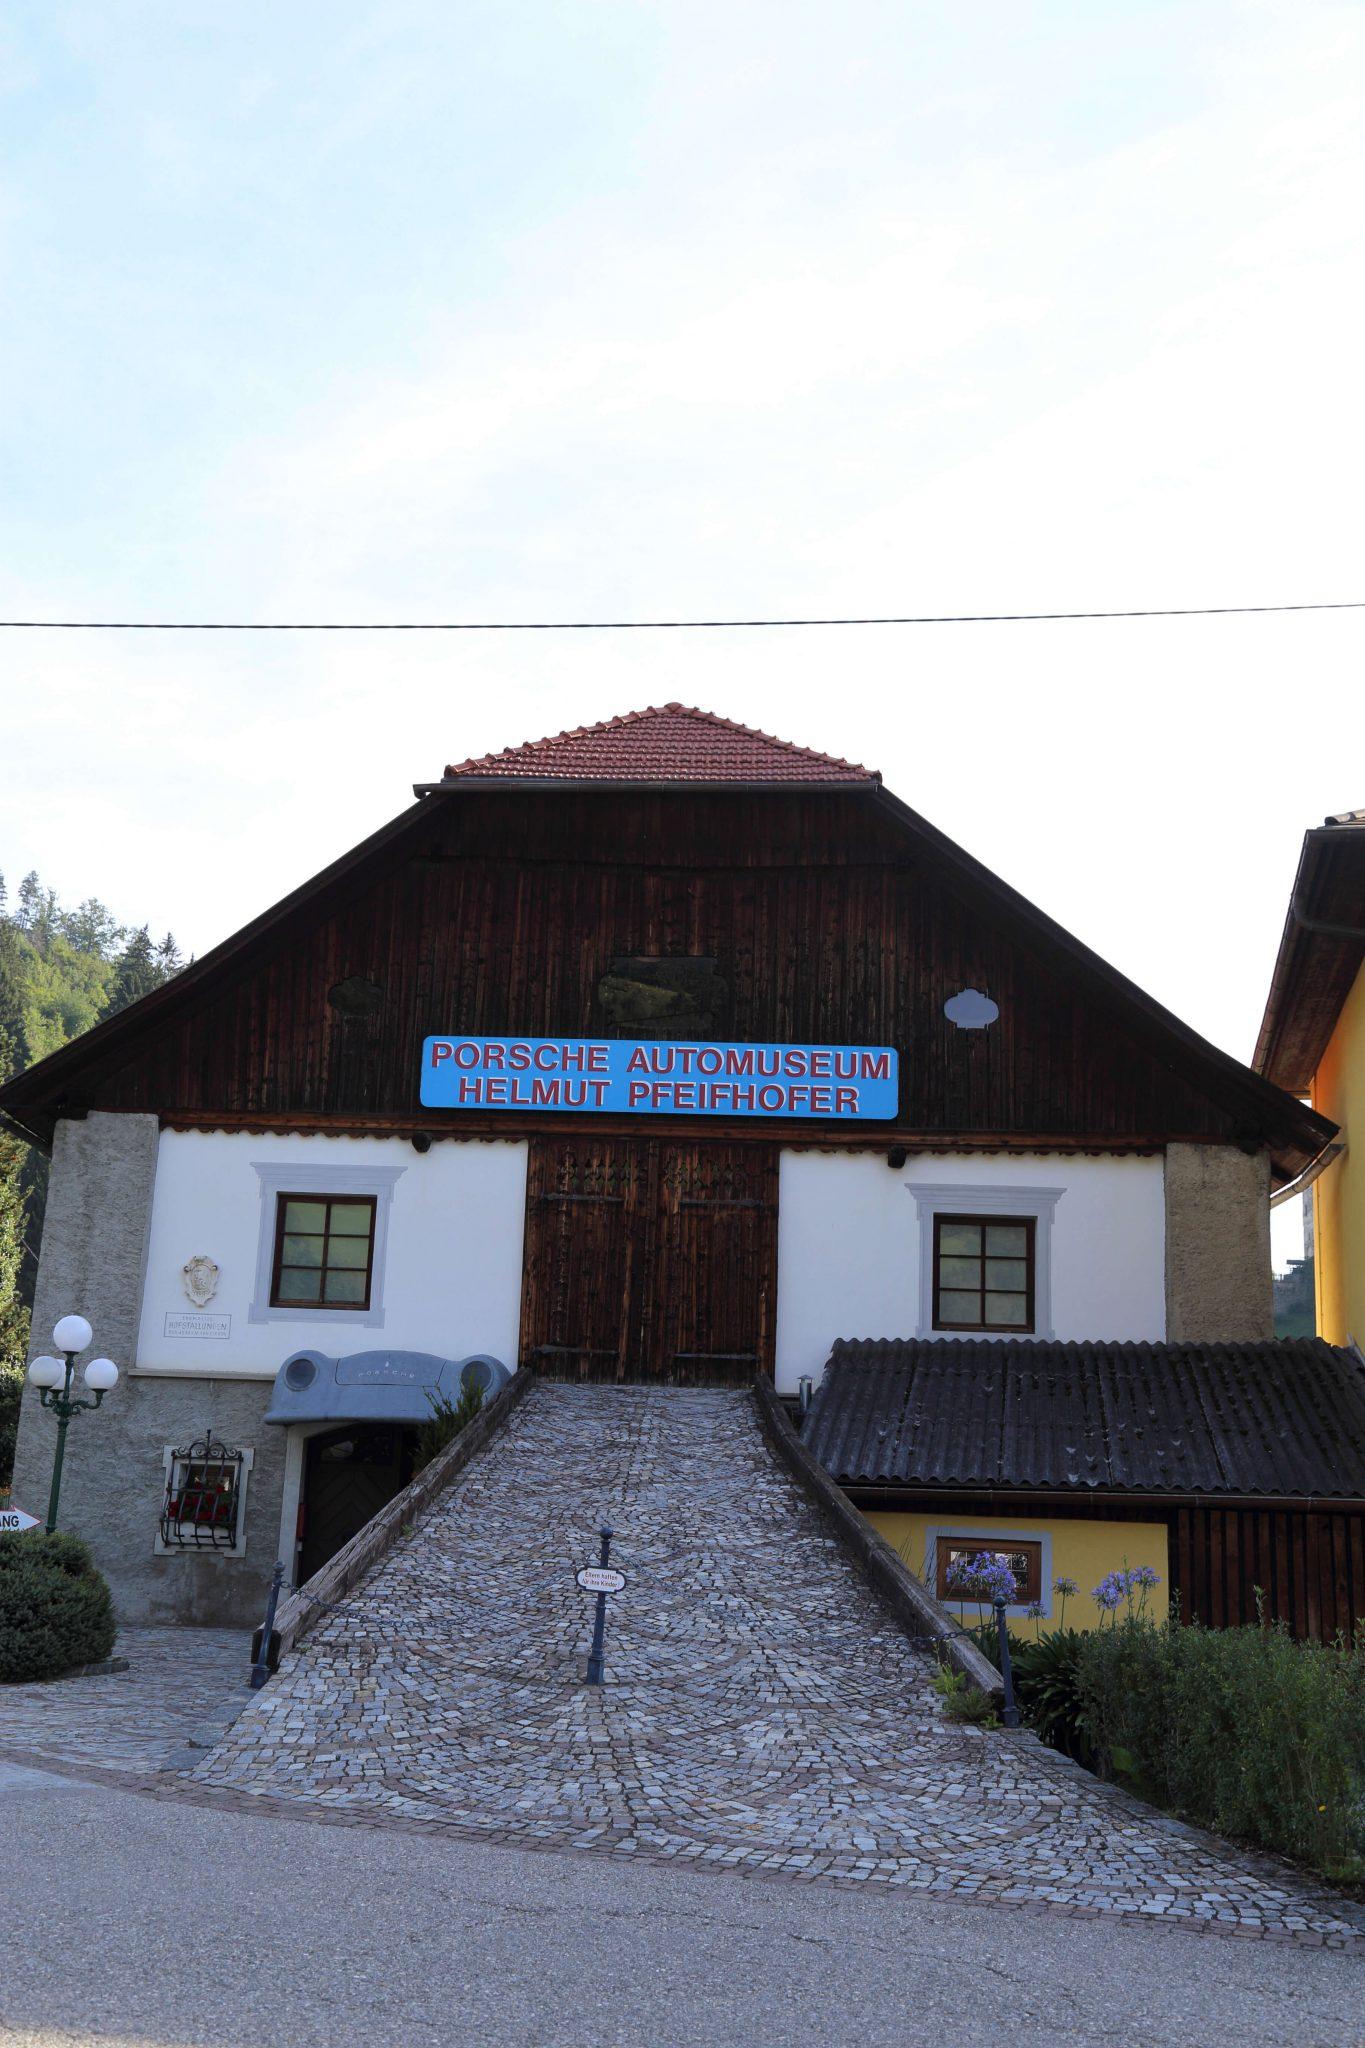 Vatertag in Kärnten, Künstlerstadt Gmünd, Kärnten, Österreich, Citytrip, Tipps, Foto Anita Arneitz, Reiseblog www.anitaaufreisen.at